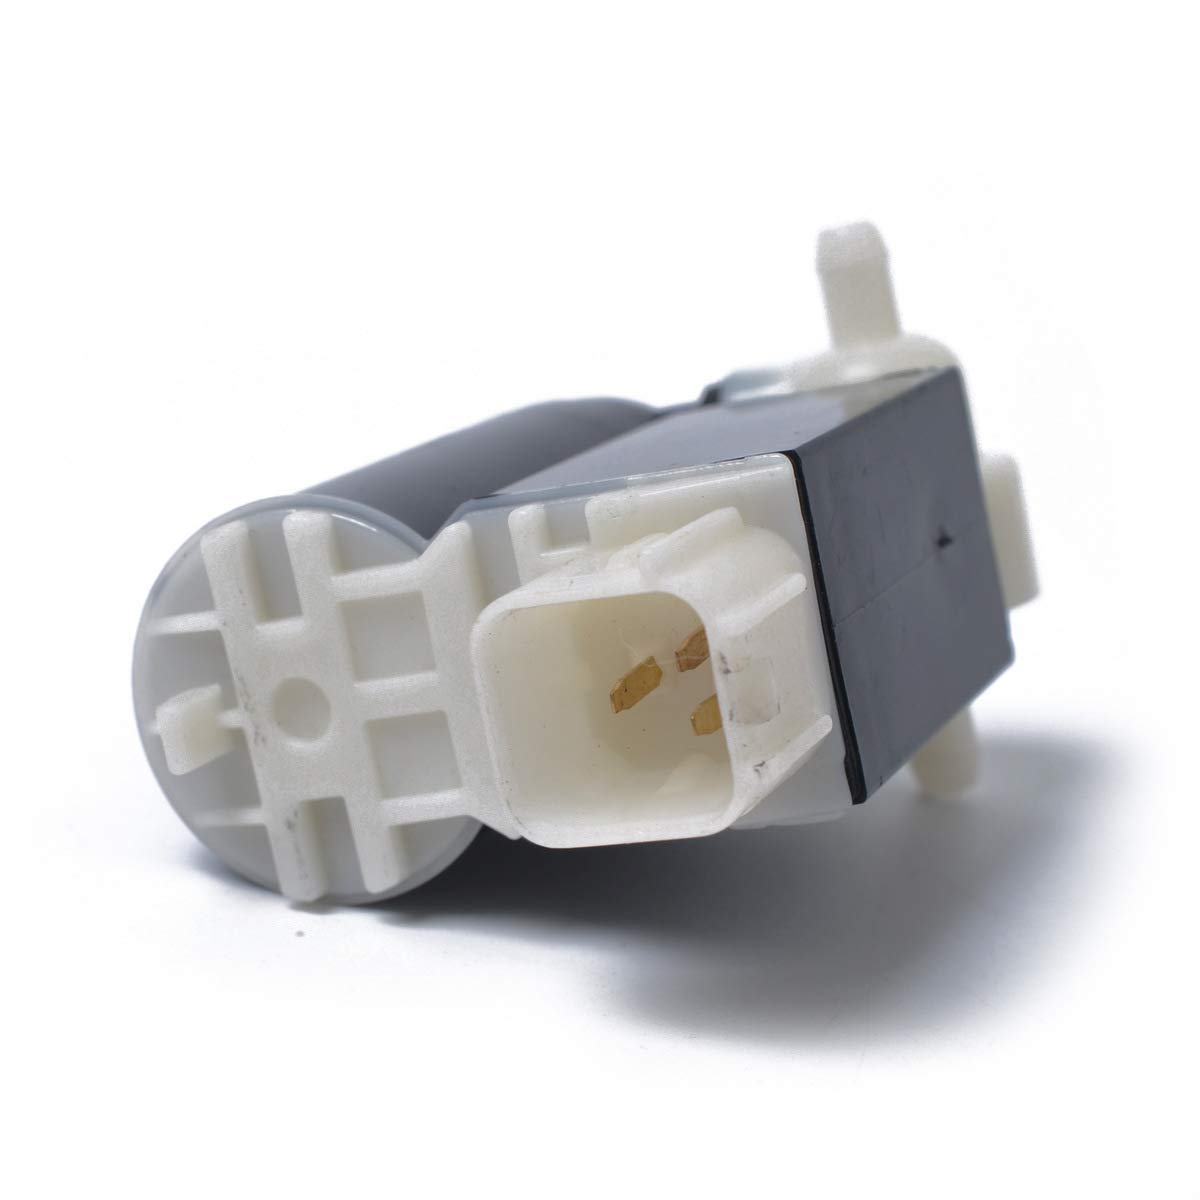 Hyundai HERCHR 98510-2C100 Pompe de Lave-Glace Avant//arri/ère de Remplacement Kia Sedona//Sportage 98510-2L100 98510-2C100 98510-25100 98510-1F100 98510-2V100